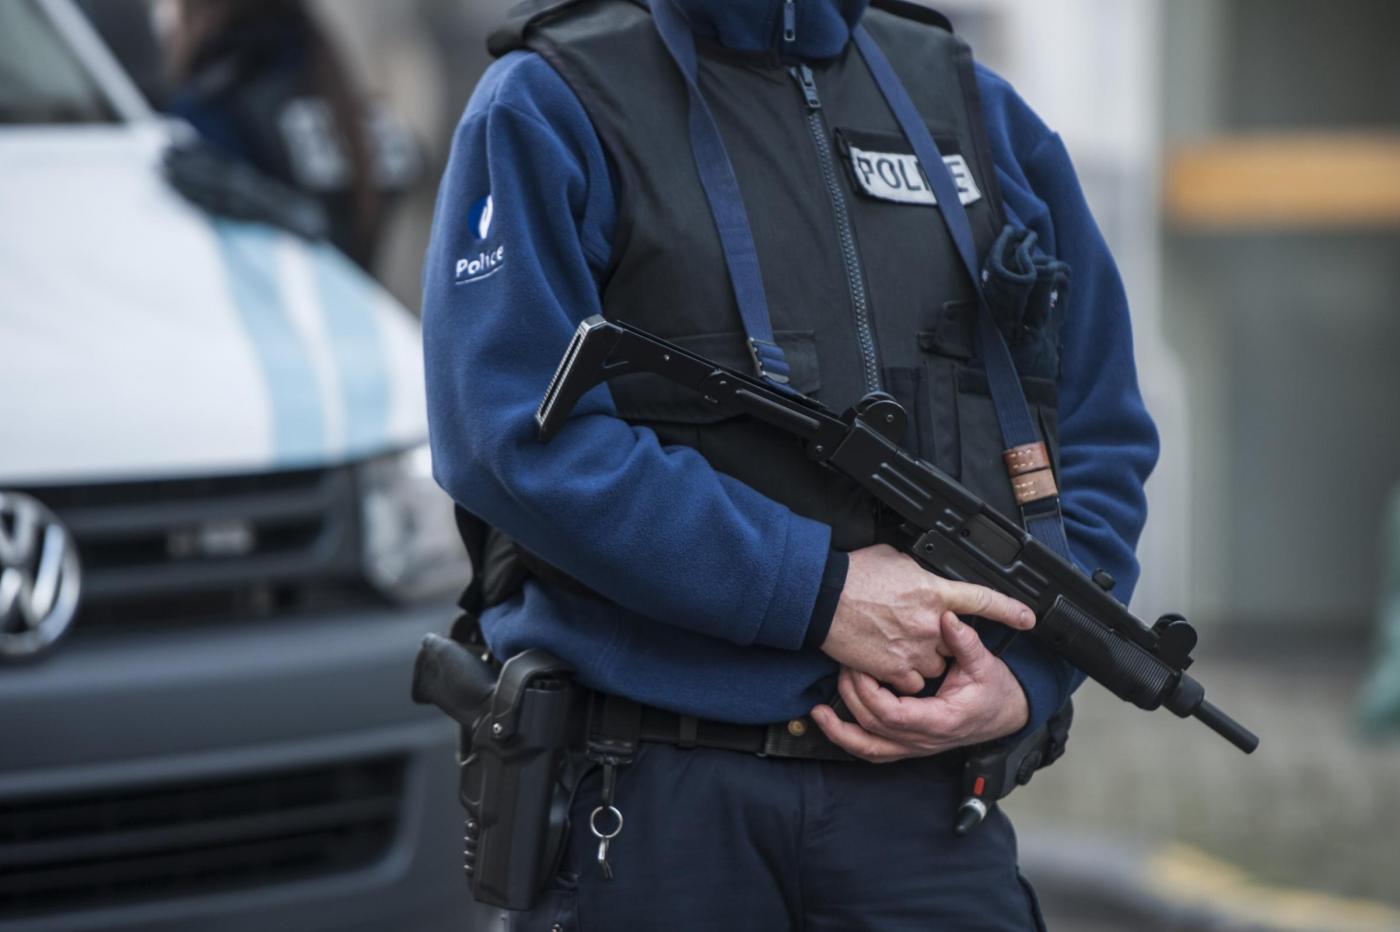 Operazione anti terrorismo della polizia belga nel quartiere ebraico di Anversa.